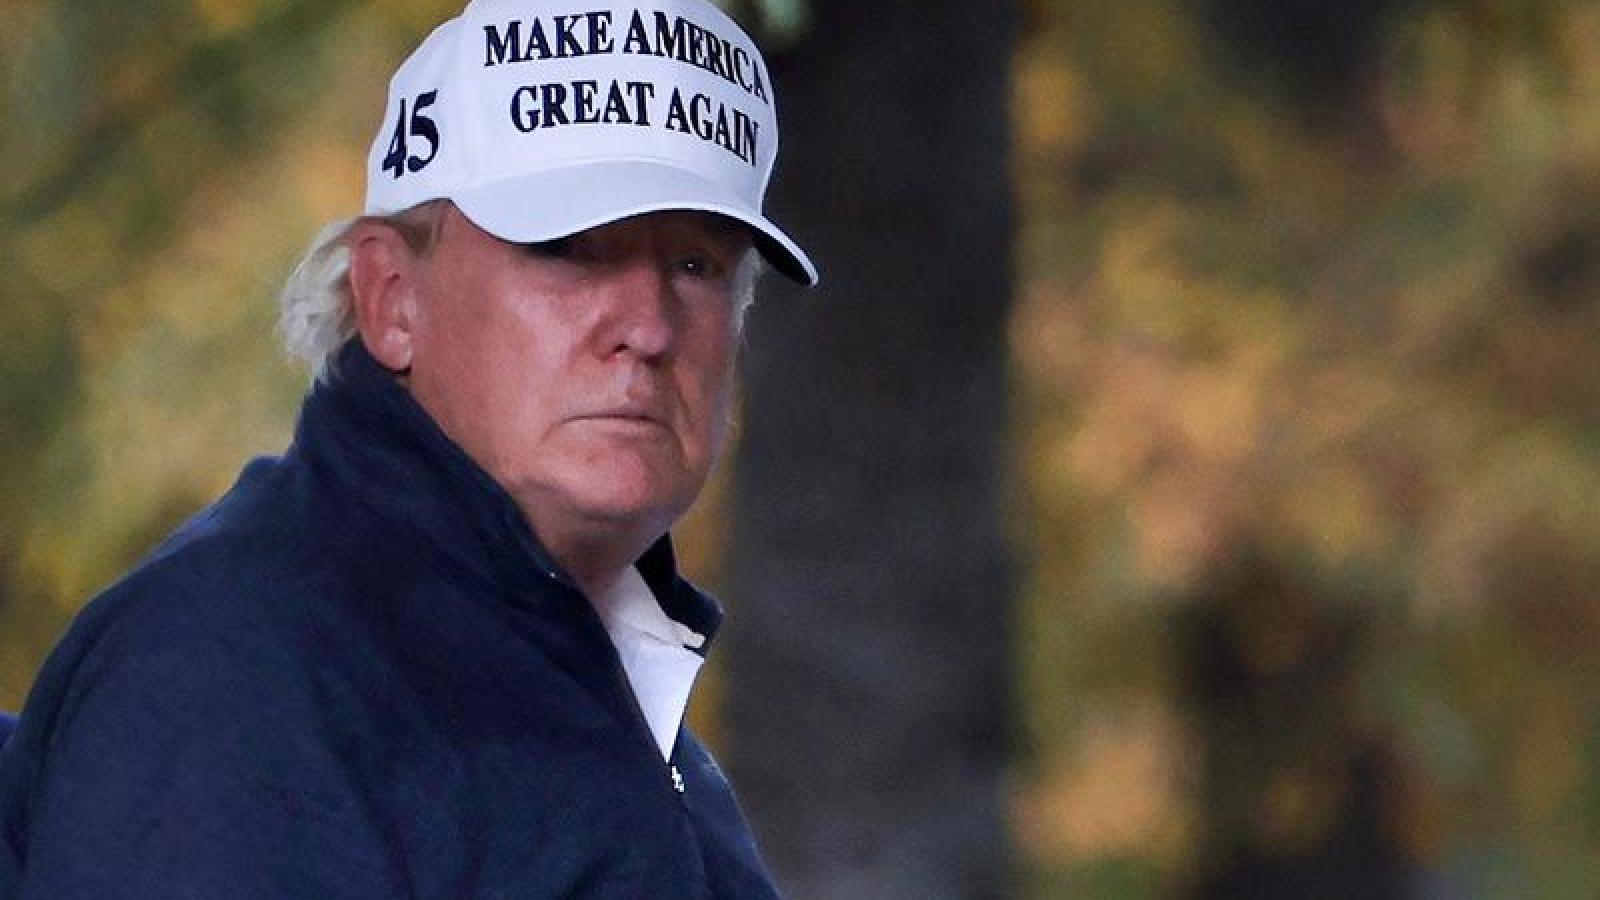 Tổng thống Trump bắt đầu gấp rút thực hiện cuộc chiến pháp lý